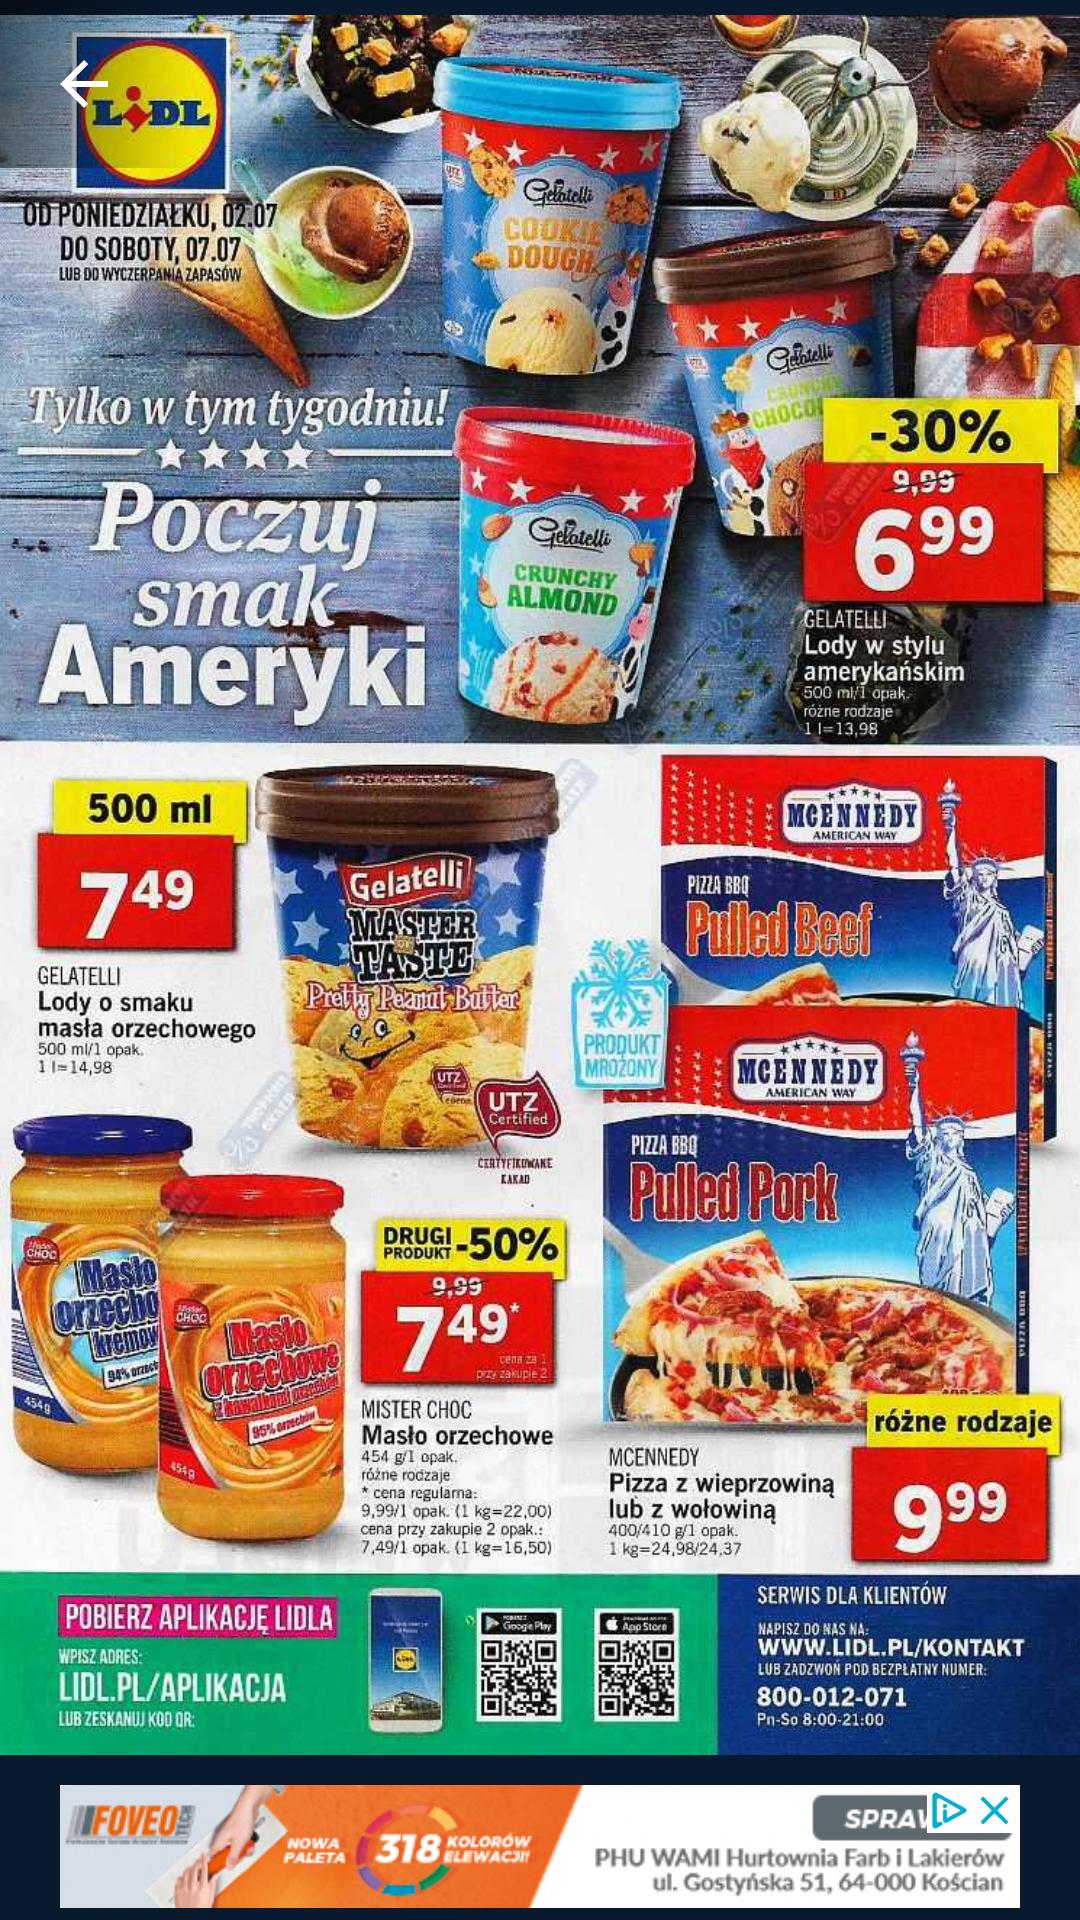 Lody gelatelli Amerykańskie Lidl 500ml